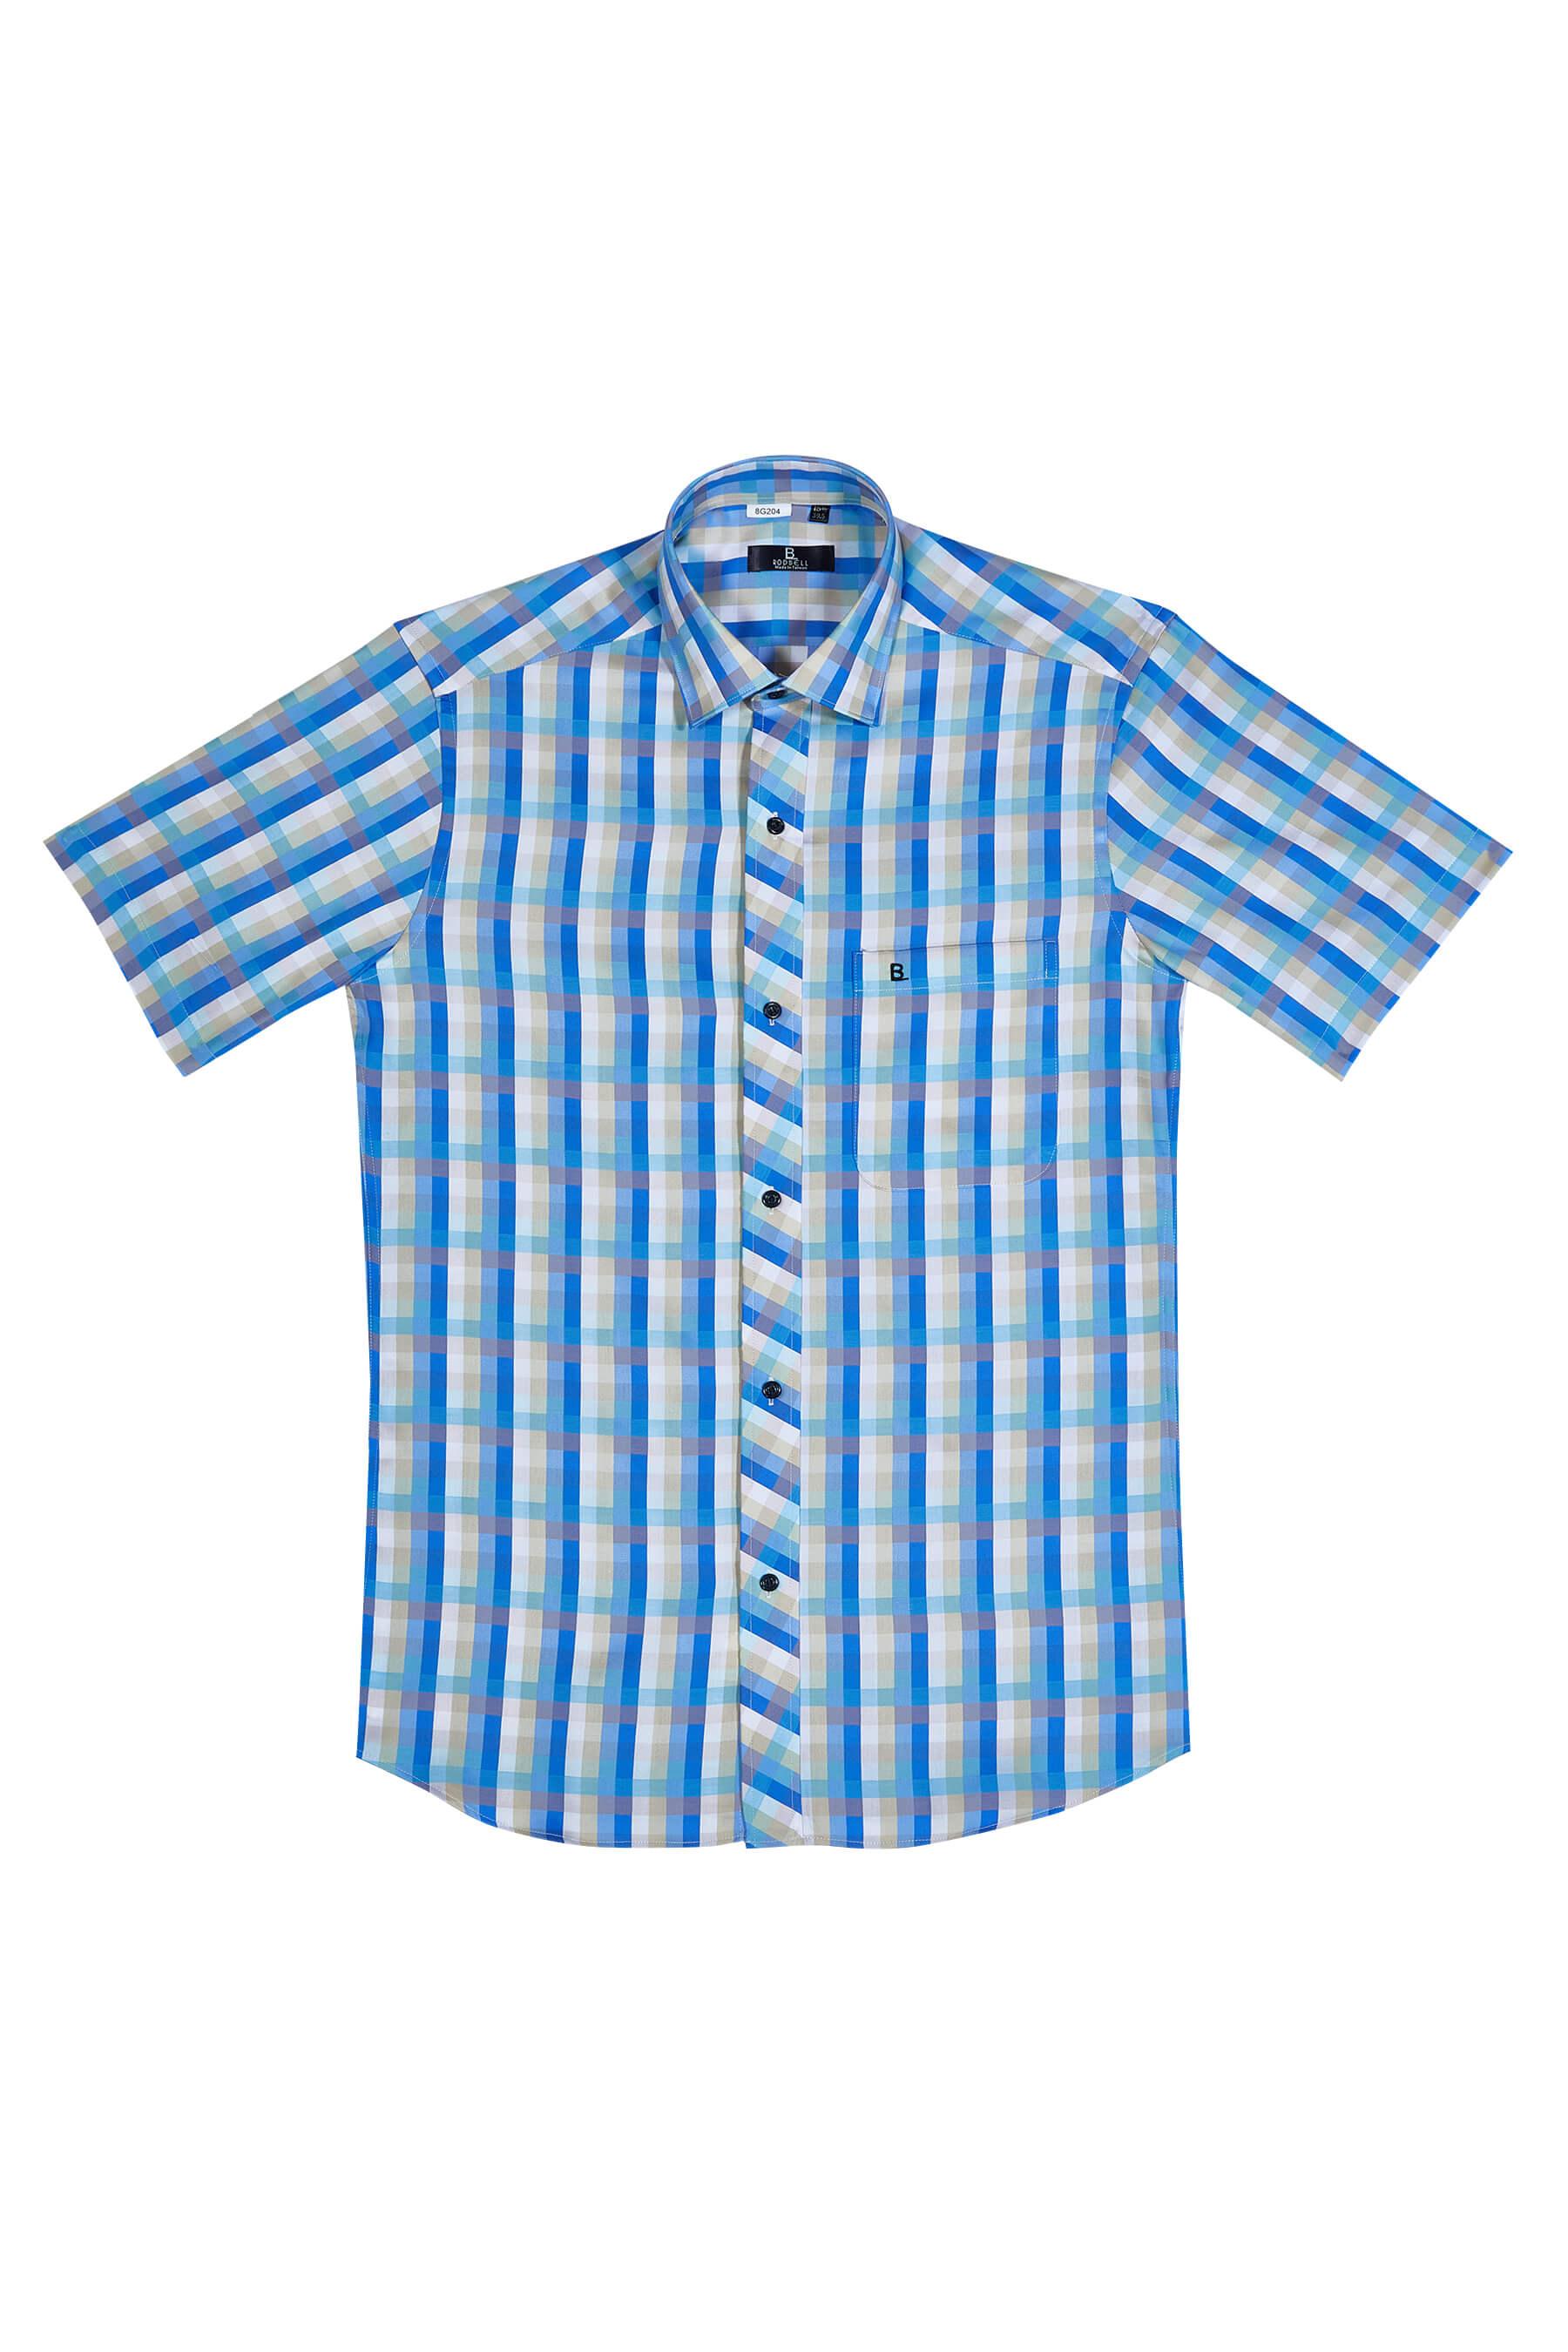 藍黃格紋純棉短袖襯衫/舒適透氣